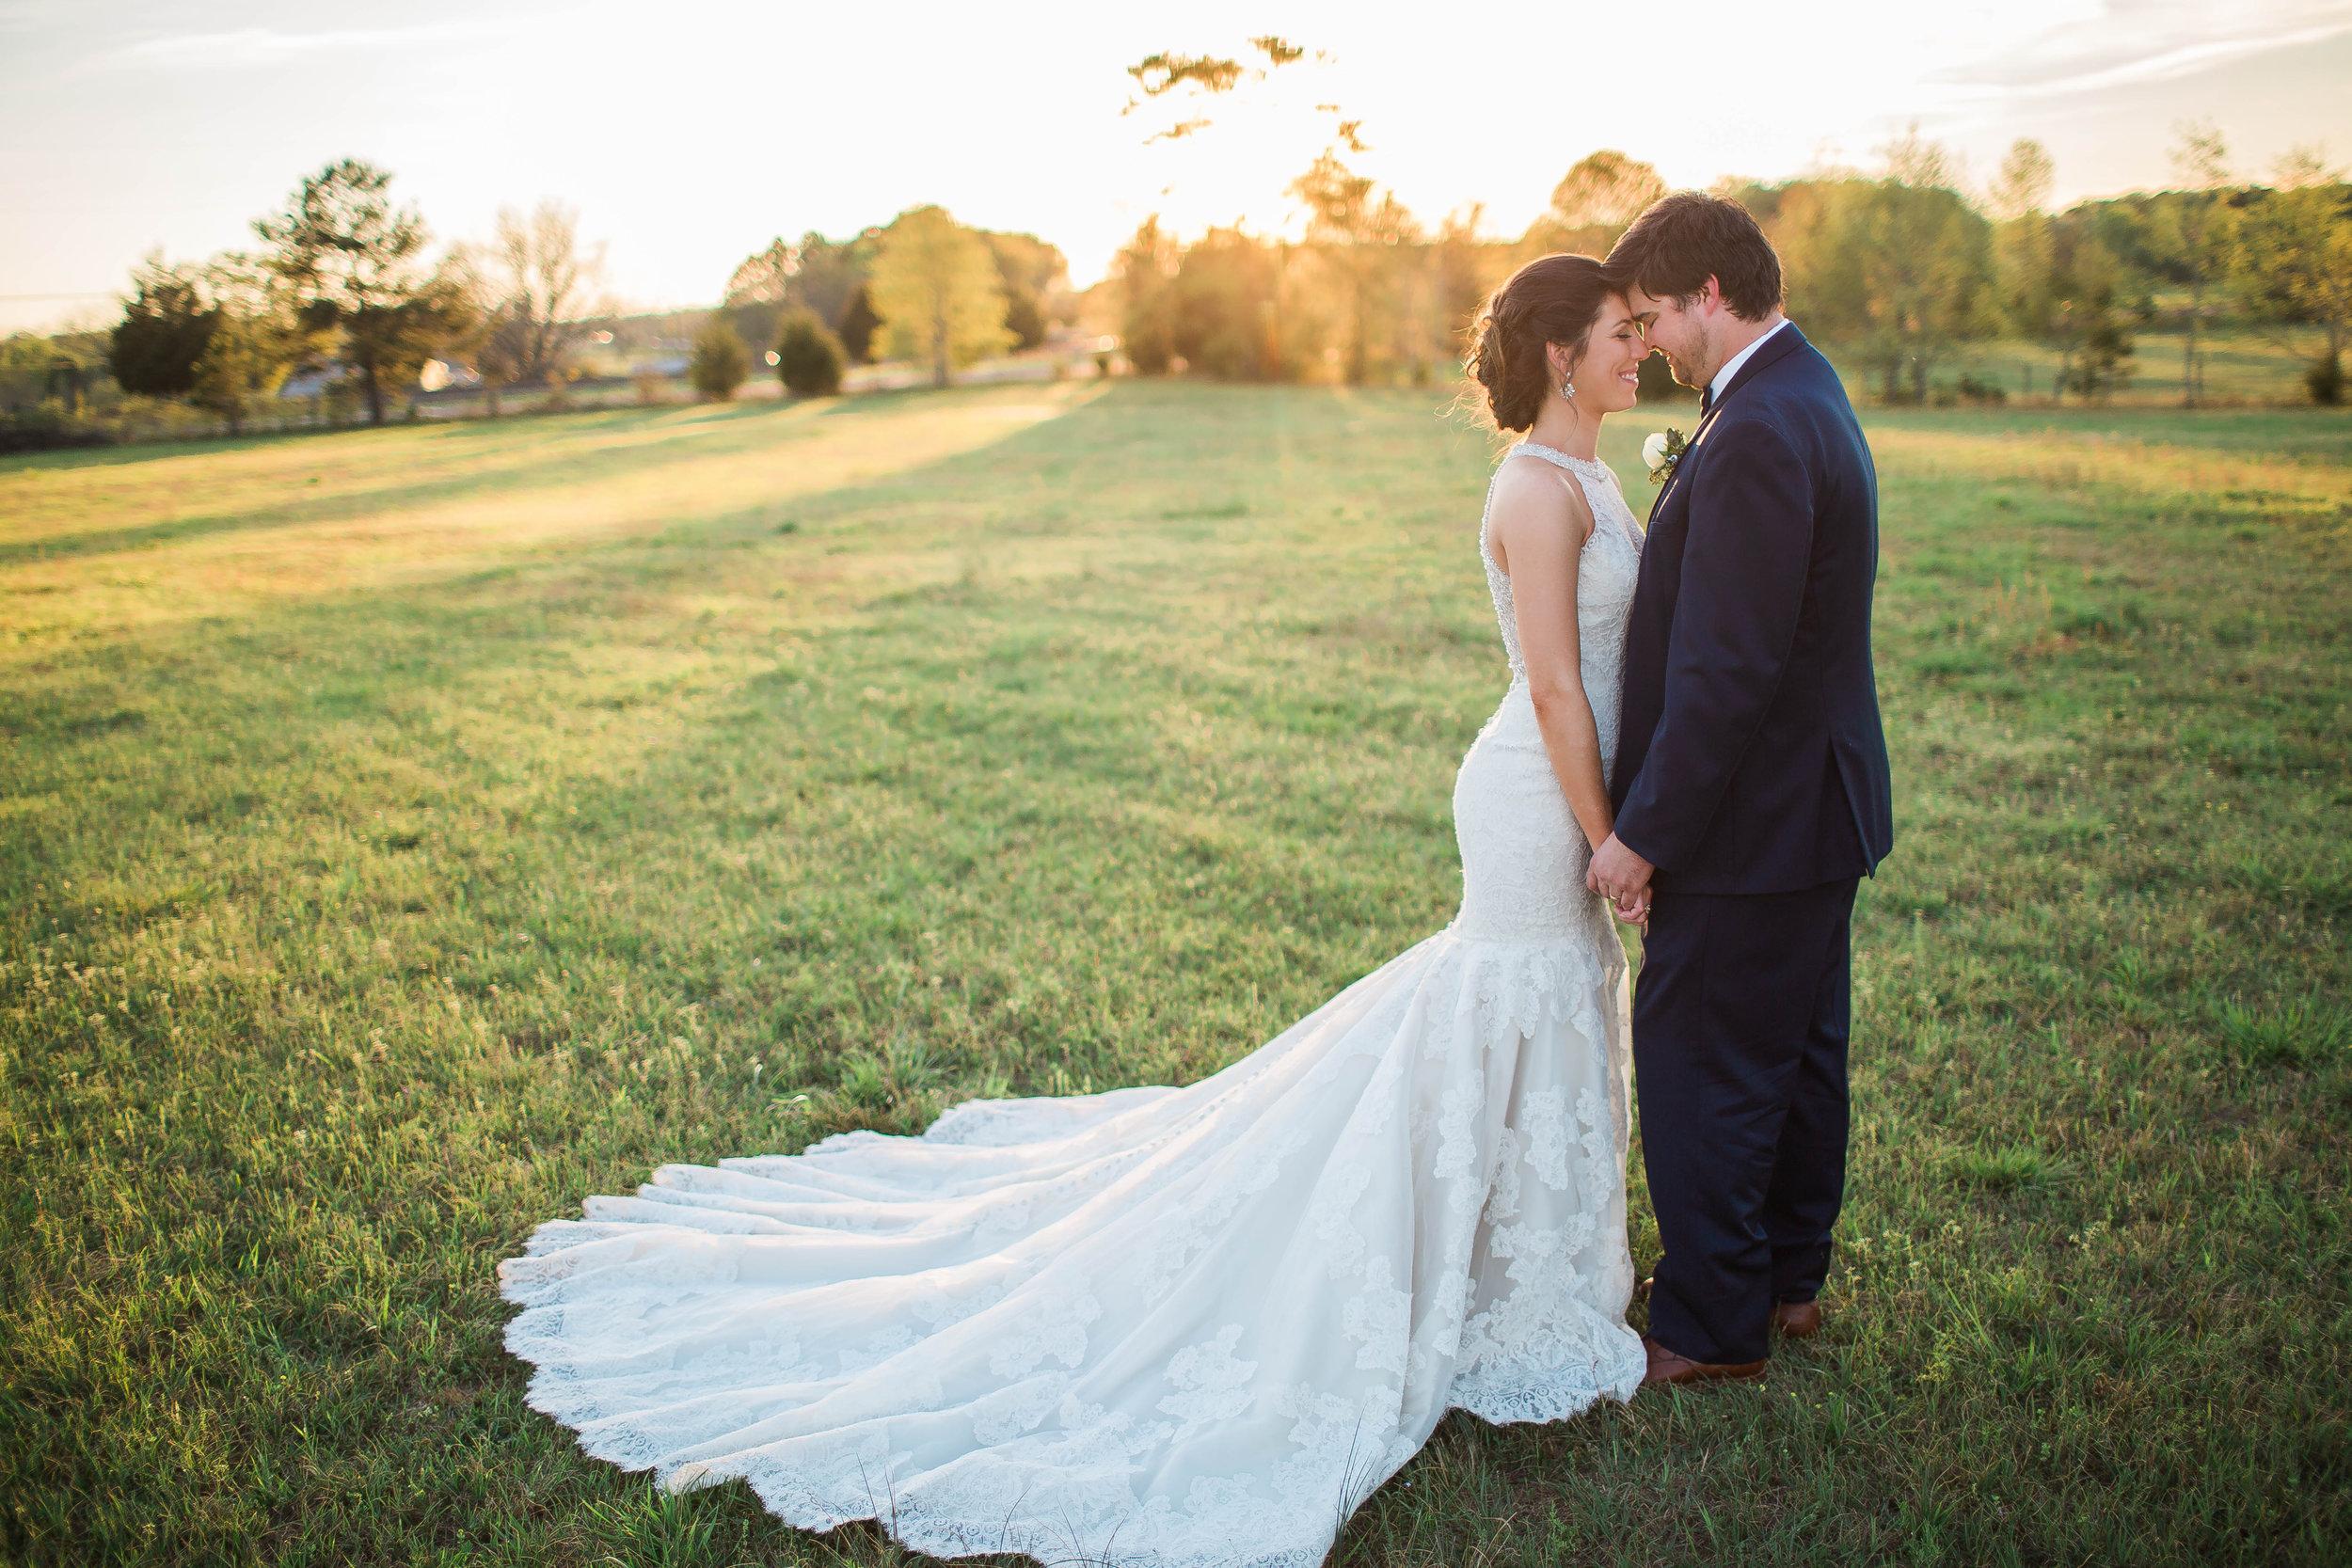 April wedding, photo by Amanda Sumner Photography